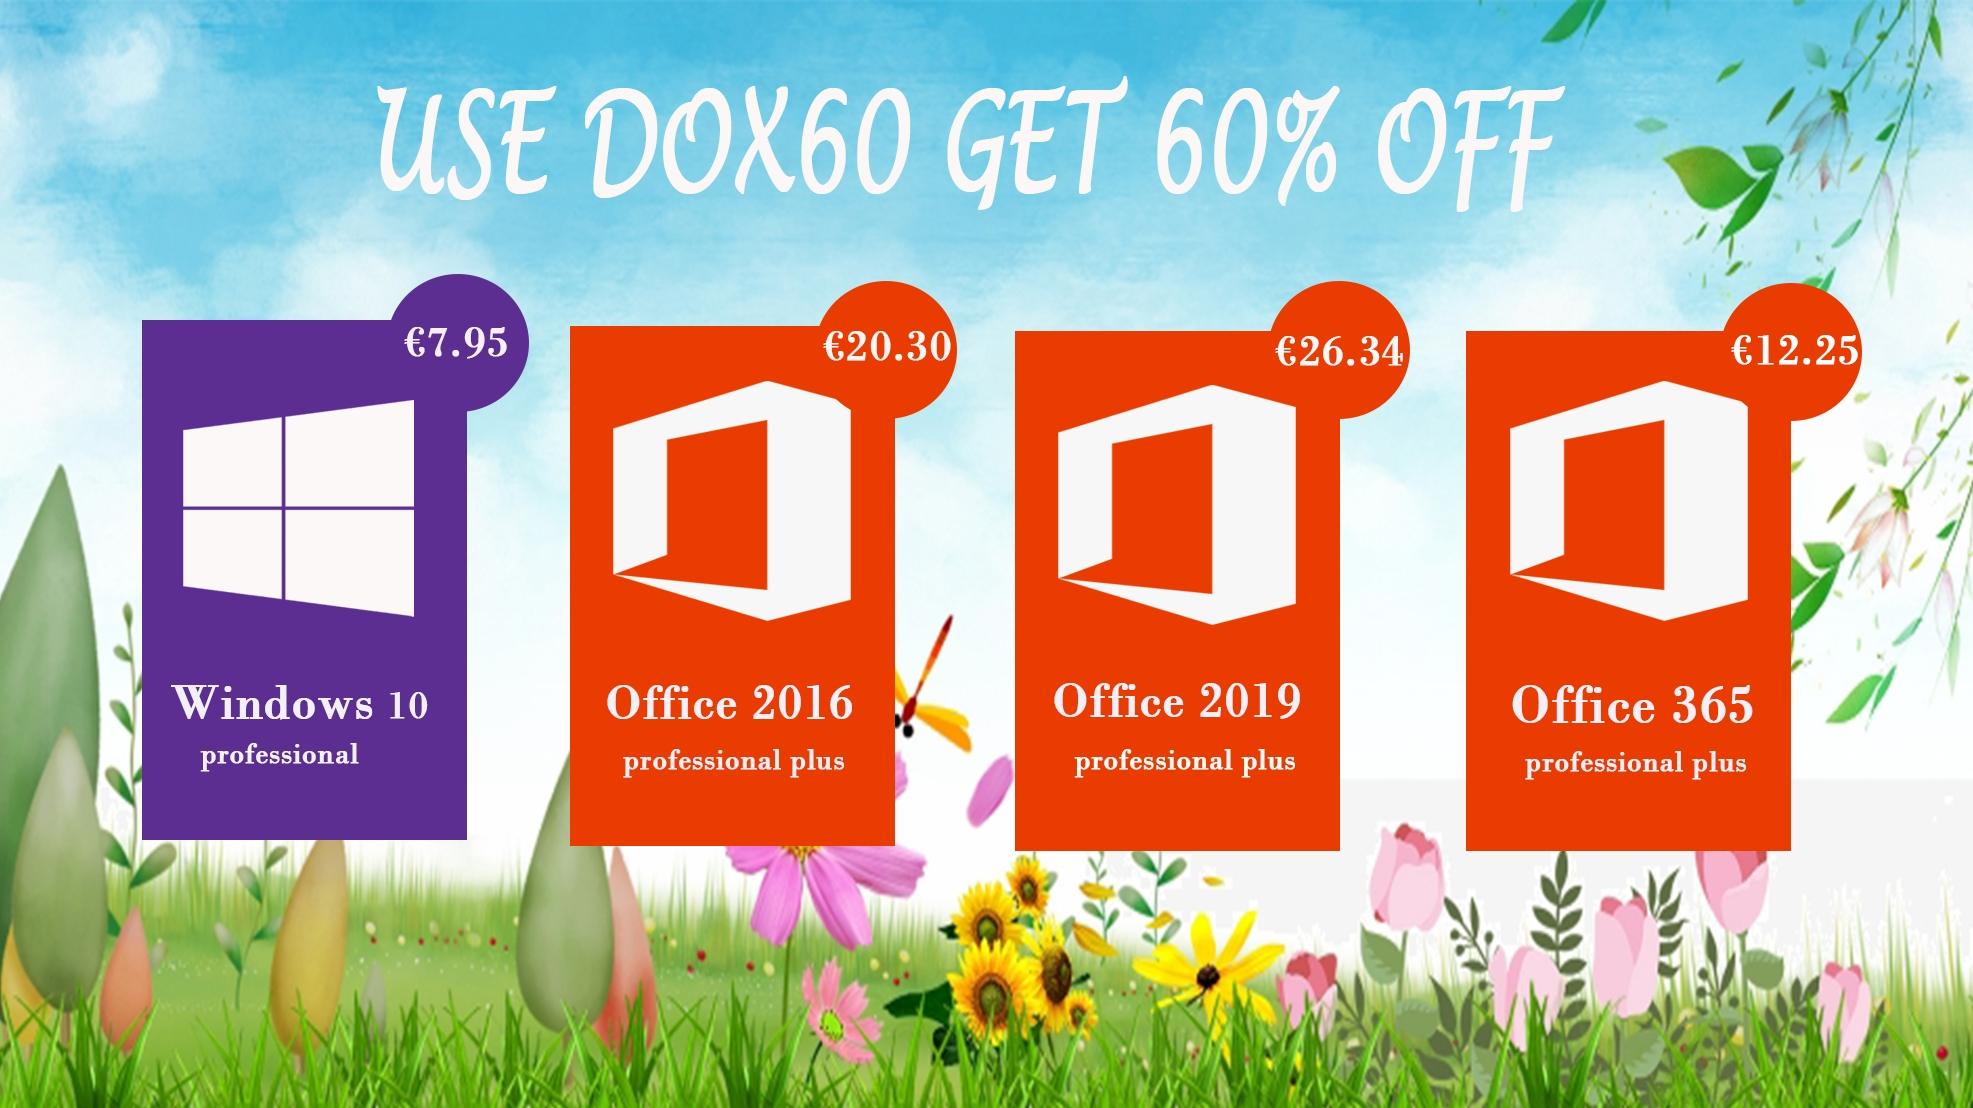 Windows 10 a kancelářský balíček Office až o 60% levněji [sponzorovaný článek]